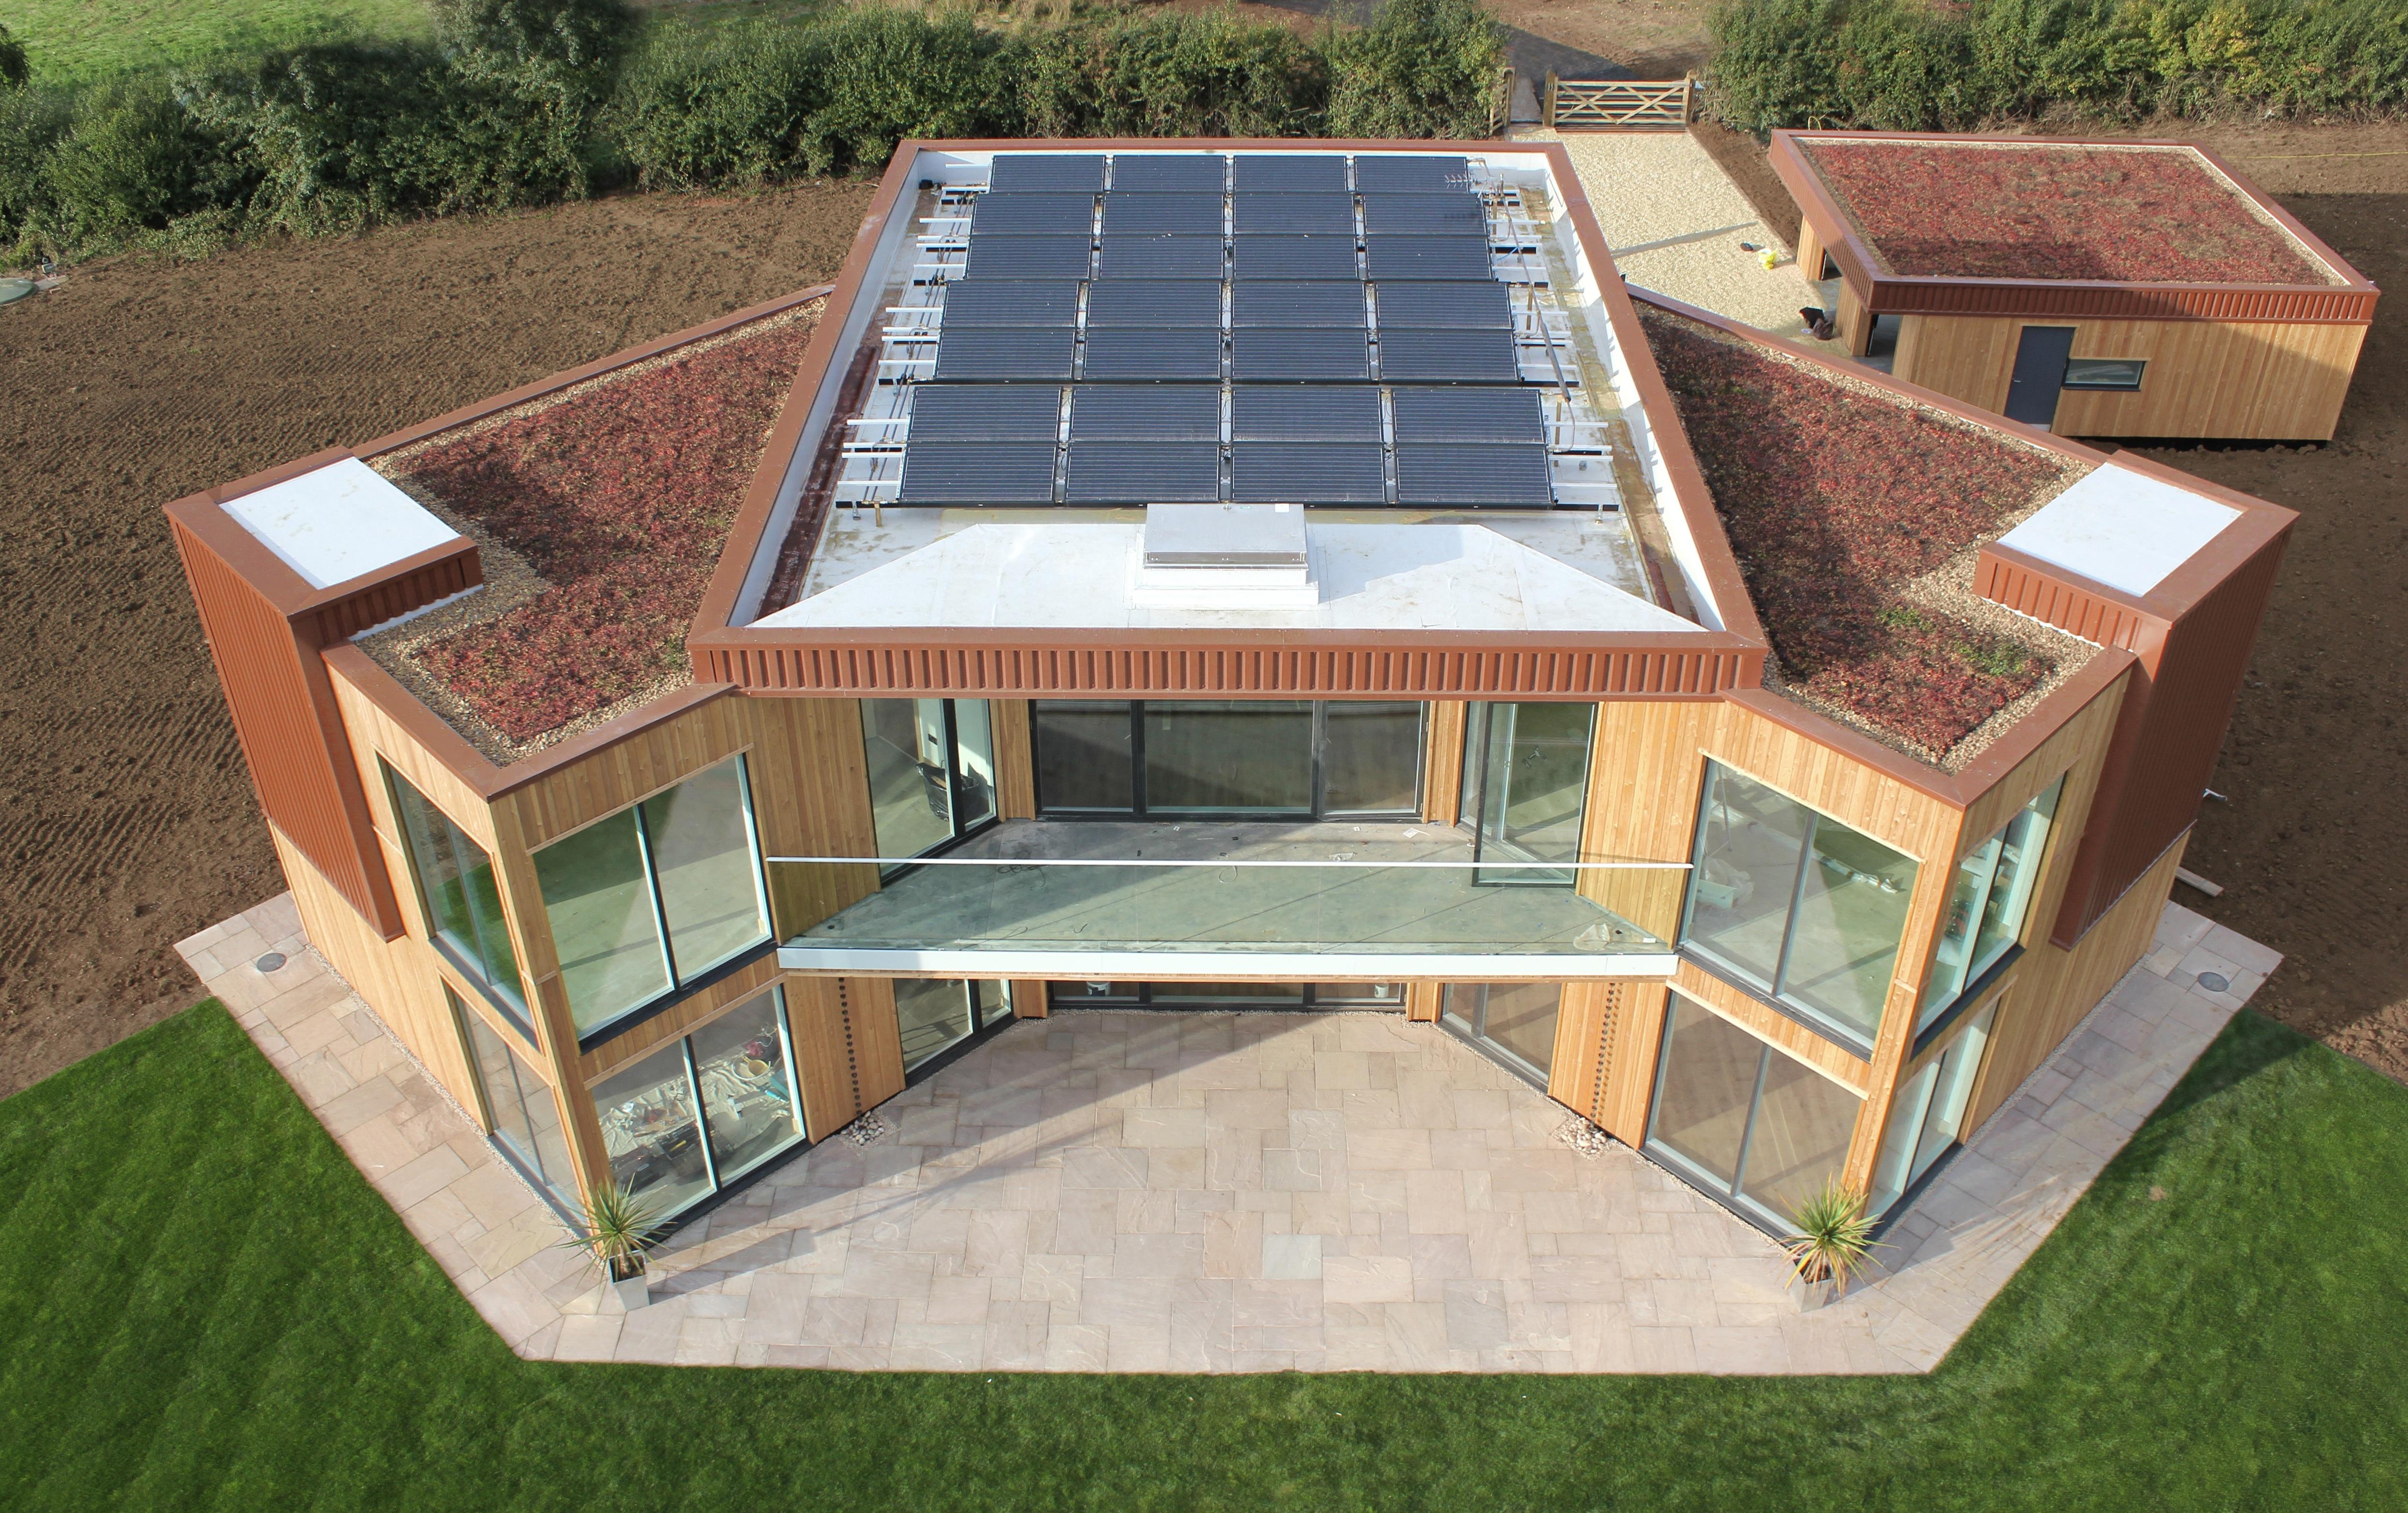 Solar home design peion homemade ftempo for Solar home design